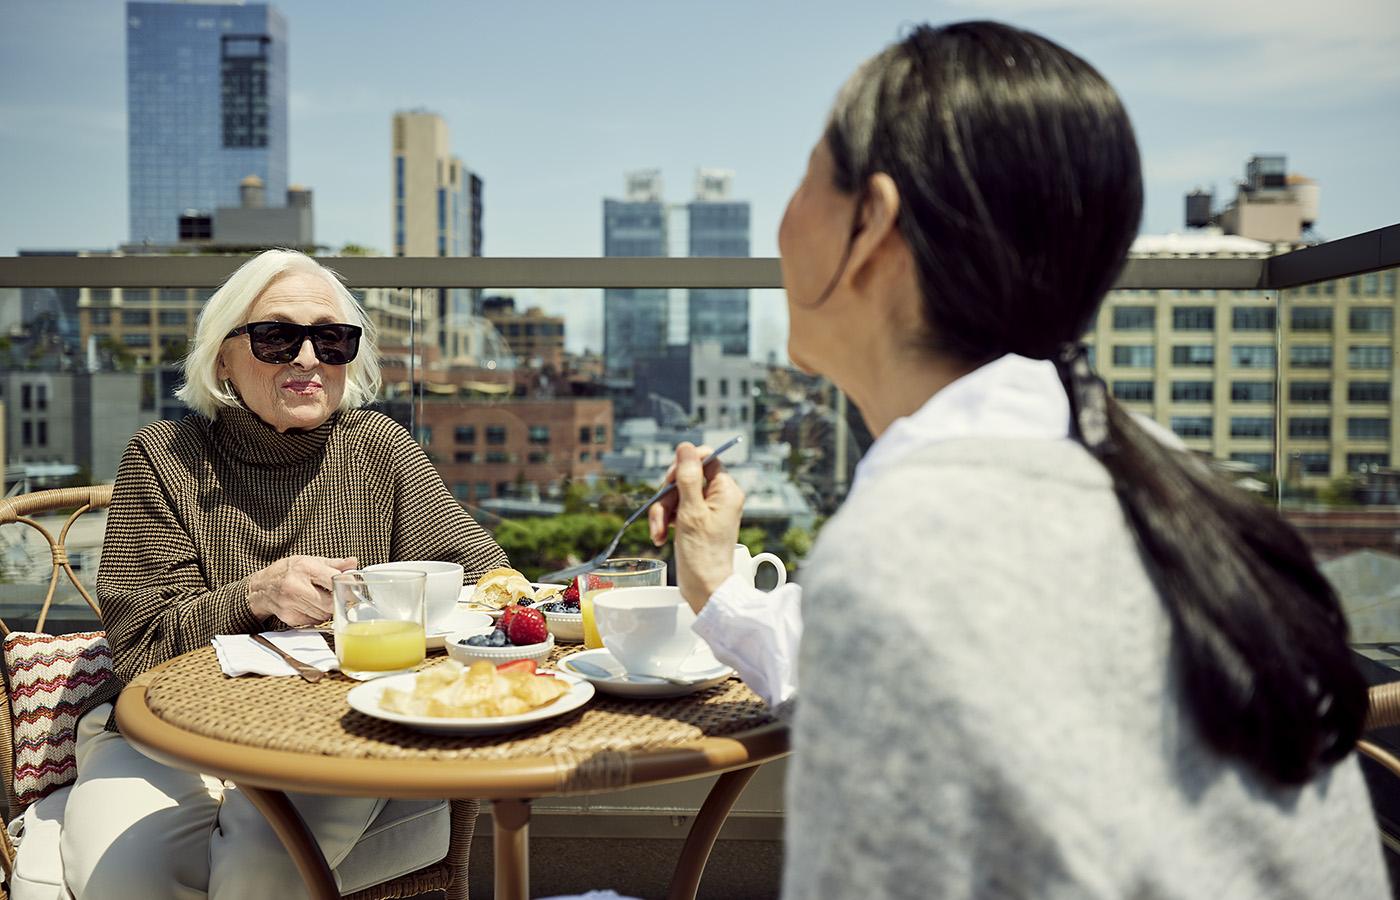 Women enjoying brunch outside at Coterie - a luxury senior living residence.